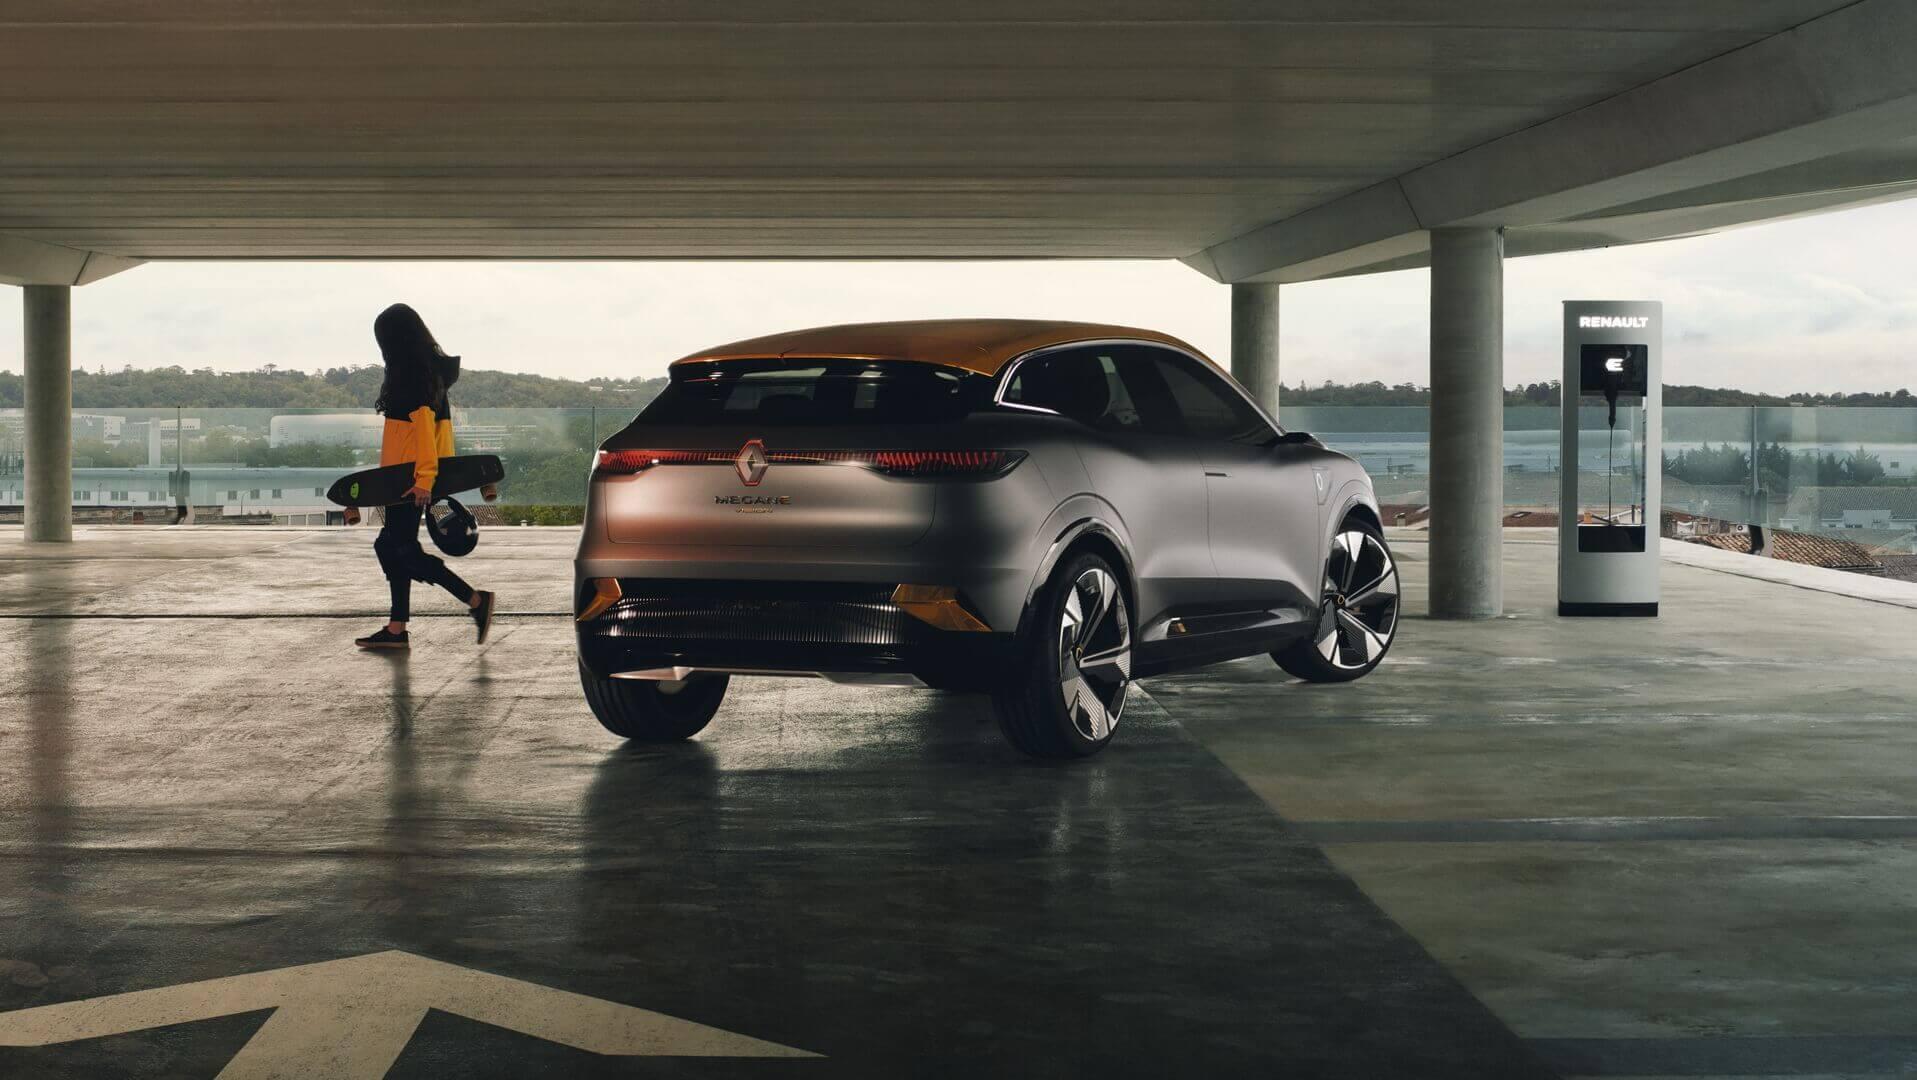 Концепт электрического хэтчбека Renault Megane eVision